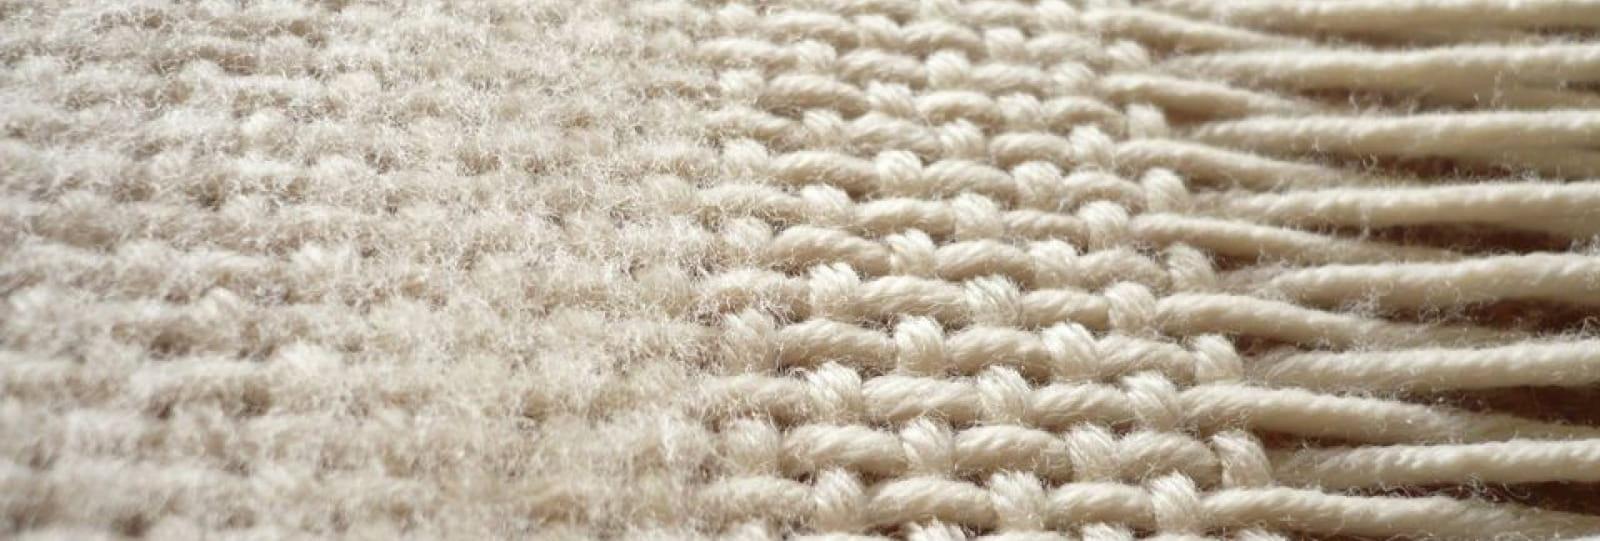 Stage de tissage et filage - Filage de la laine